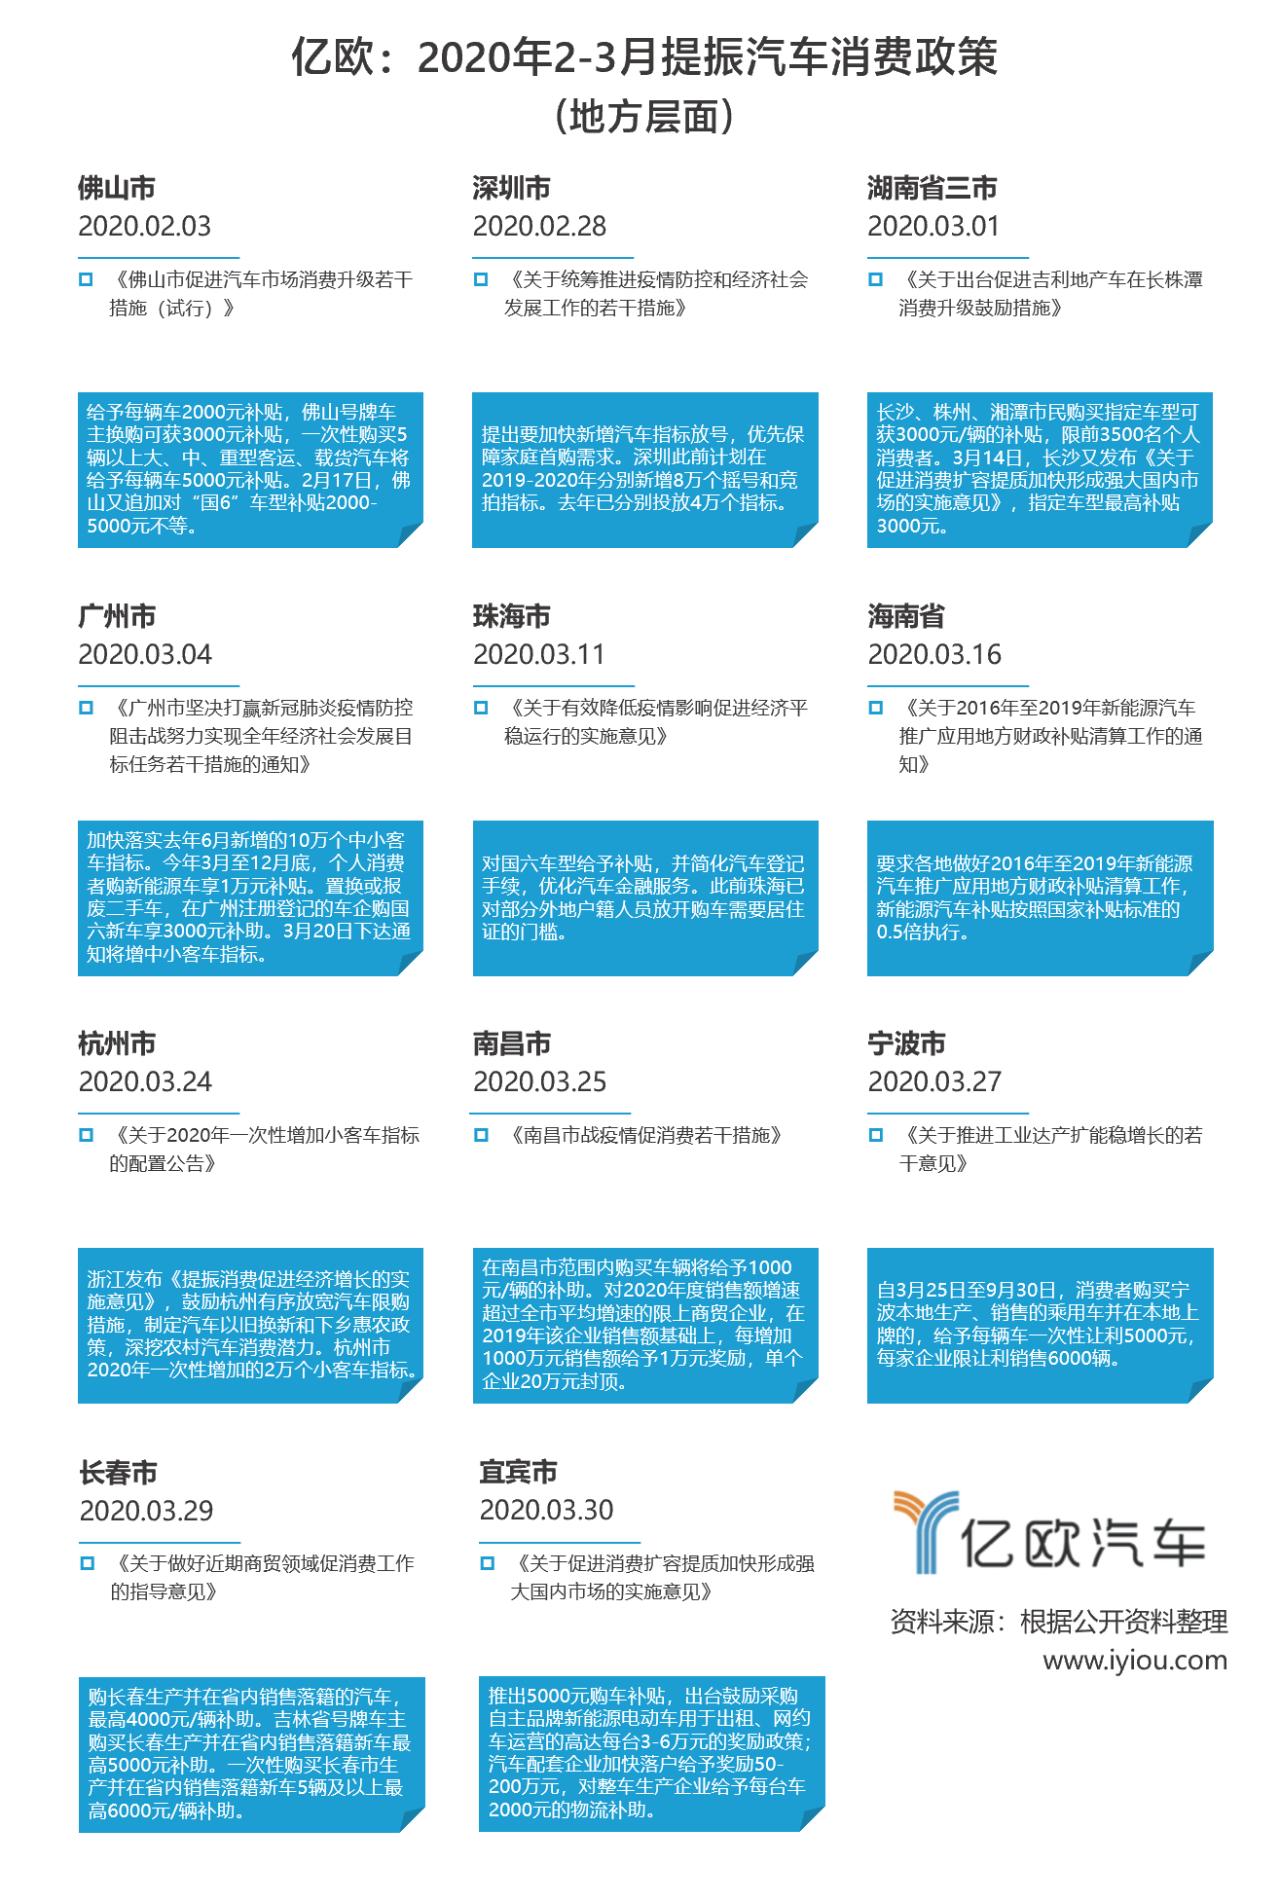 2-3月汽车消费政策(地方).png